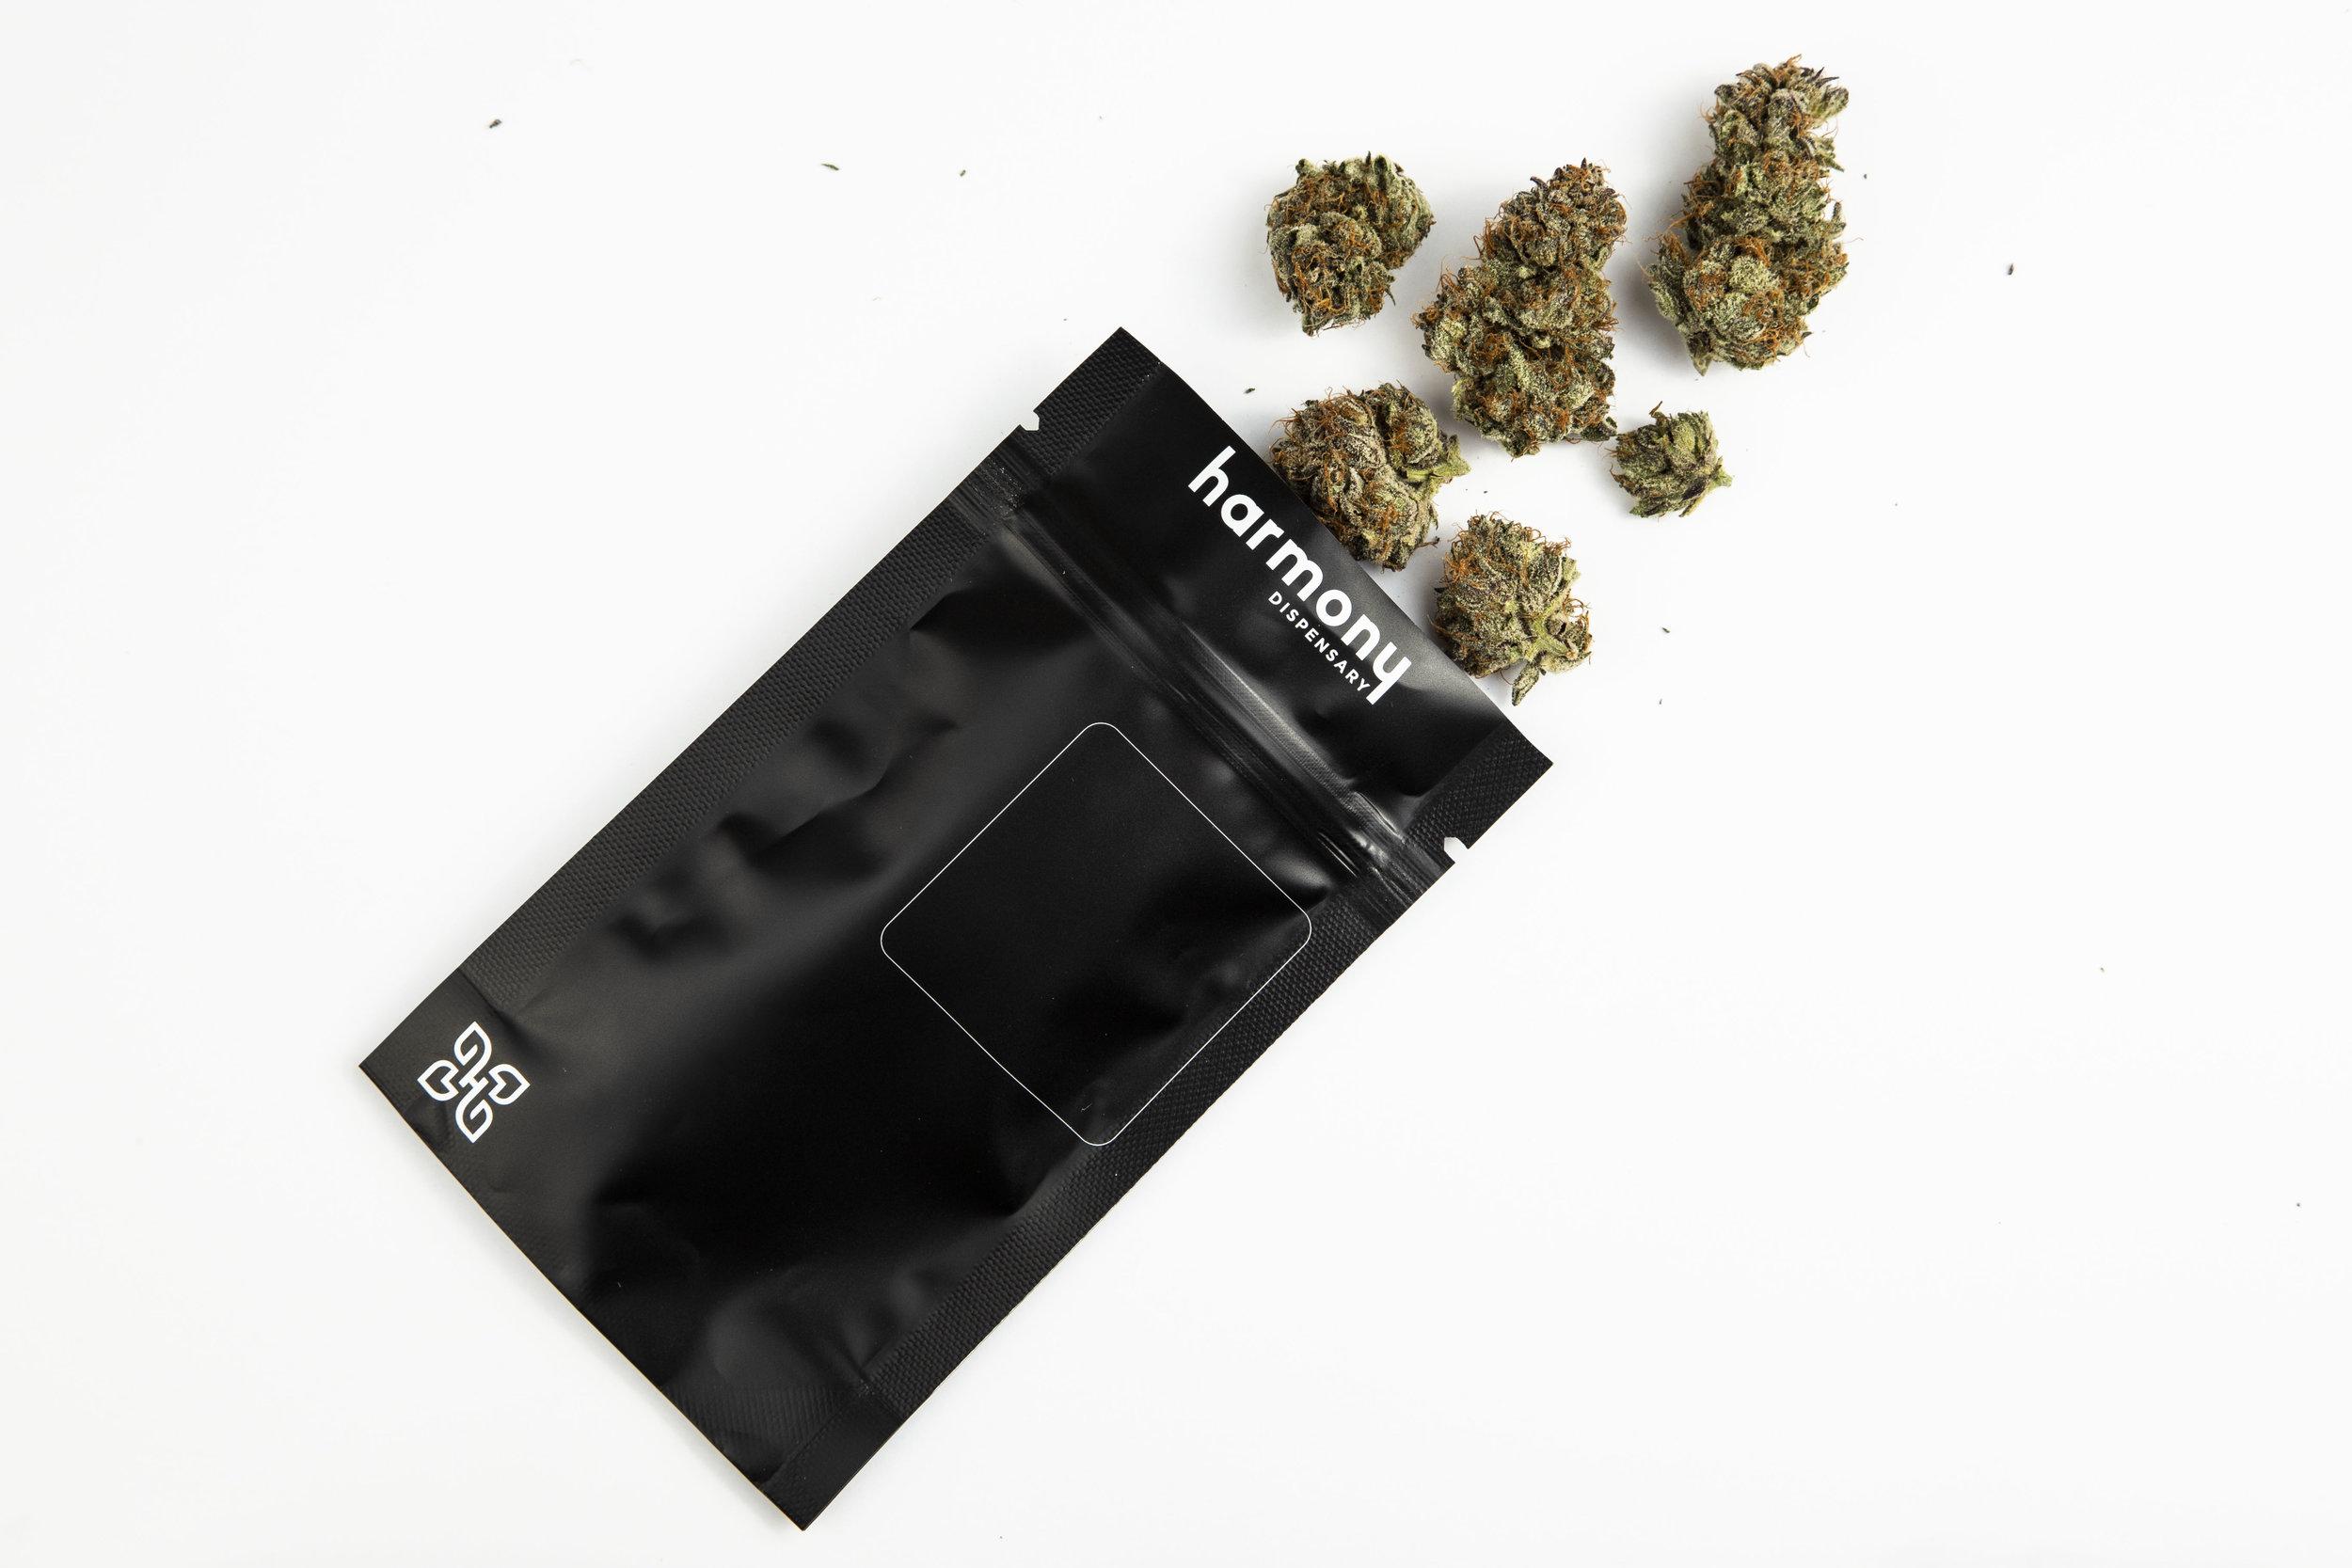 Black Bag - Our premium whole flower